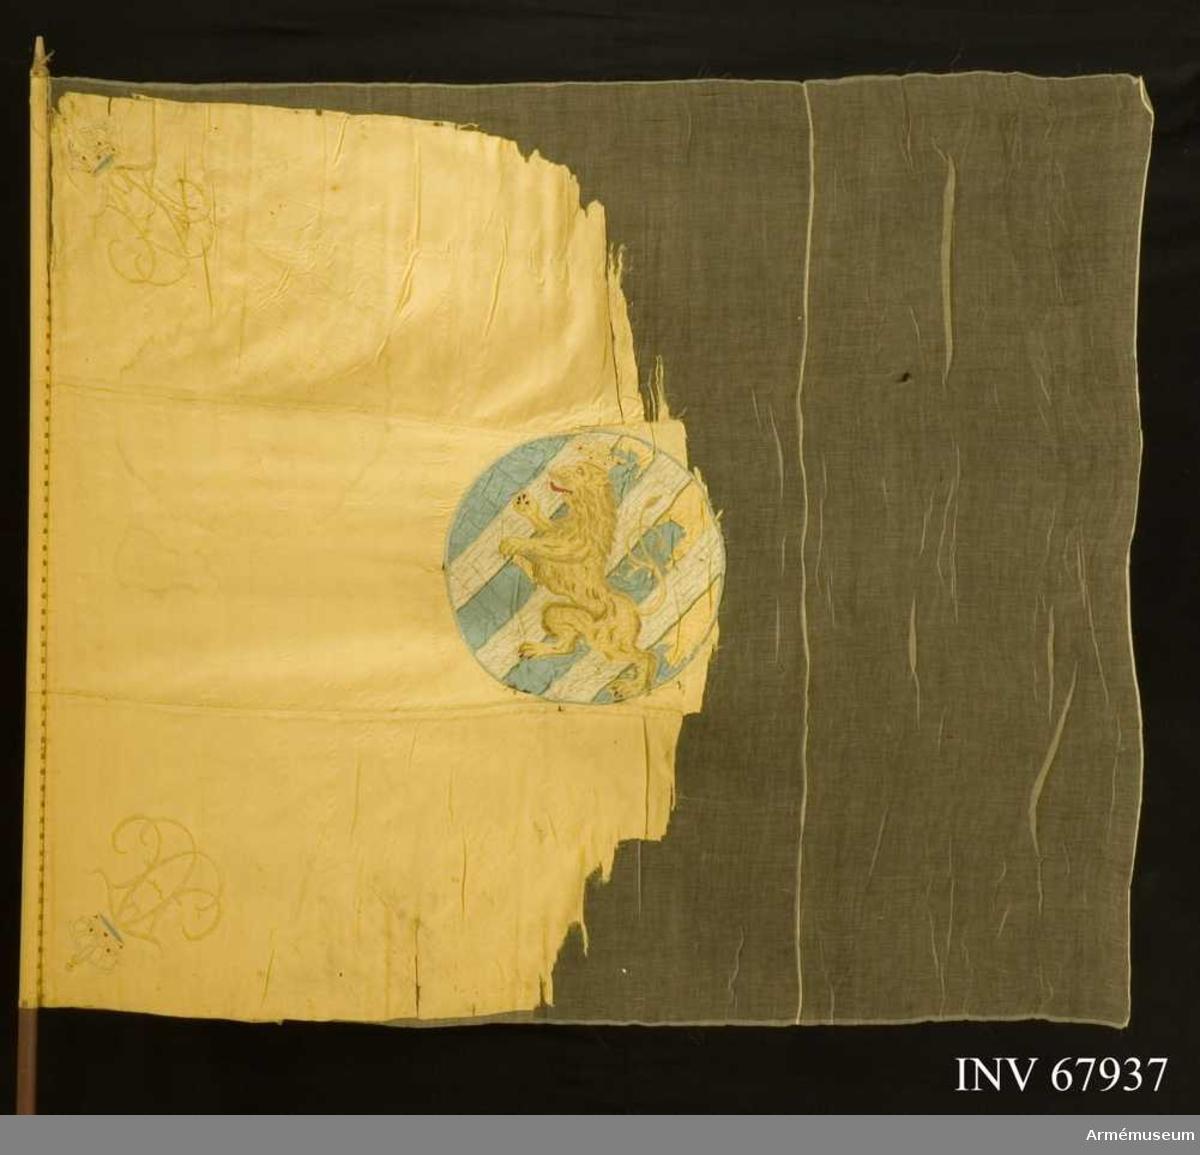 """Duk: Enkel, tillverkad av gul sidenkypert. Sydd av tre horisontella våder.   Dekor: Broderad lika på båda sidor, i mitten Göteborgs vapen: runt fält (540 x 540 mm) av blått påsytt siden varpå över tre strömmar snett från vänster i vitt siden och silke, däröver ett dubbelsvansat krönt lejon i gult siden och silke. I hörnen Adolf Fredriks namnchiffer """"A"""" med dubbelt """"F"""" under sluten krona i gult silke, kronorna med blått foder, stenar i rött, kantad med gul silkessnodd.   Duken fäst med gult silkesband och förgyllda spikar. Bandet 15 mm brett.   Stång av furu, brunmålad."""